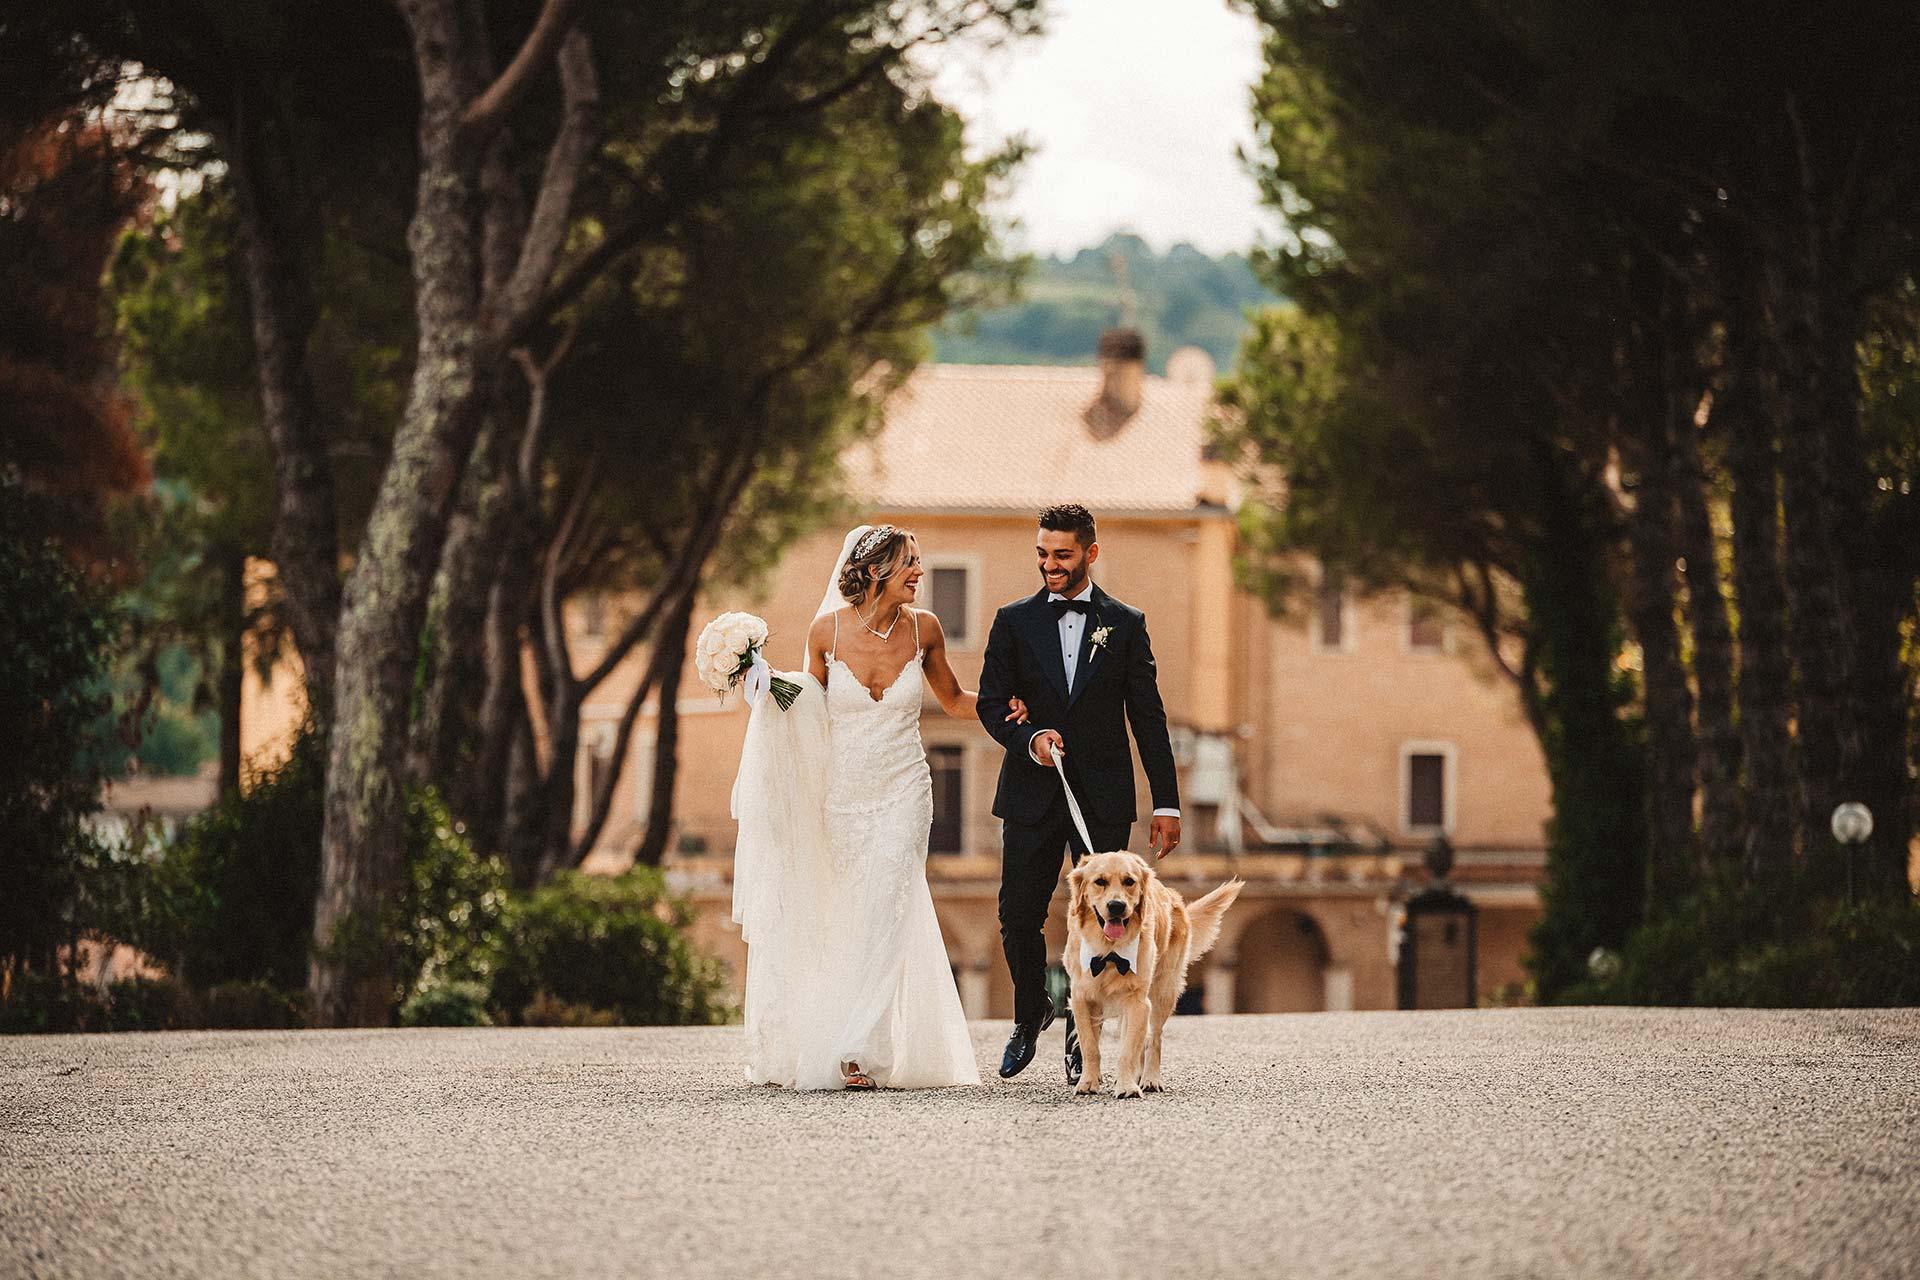 Servizio fotografico matrimonio a Roma